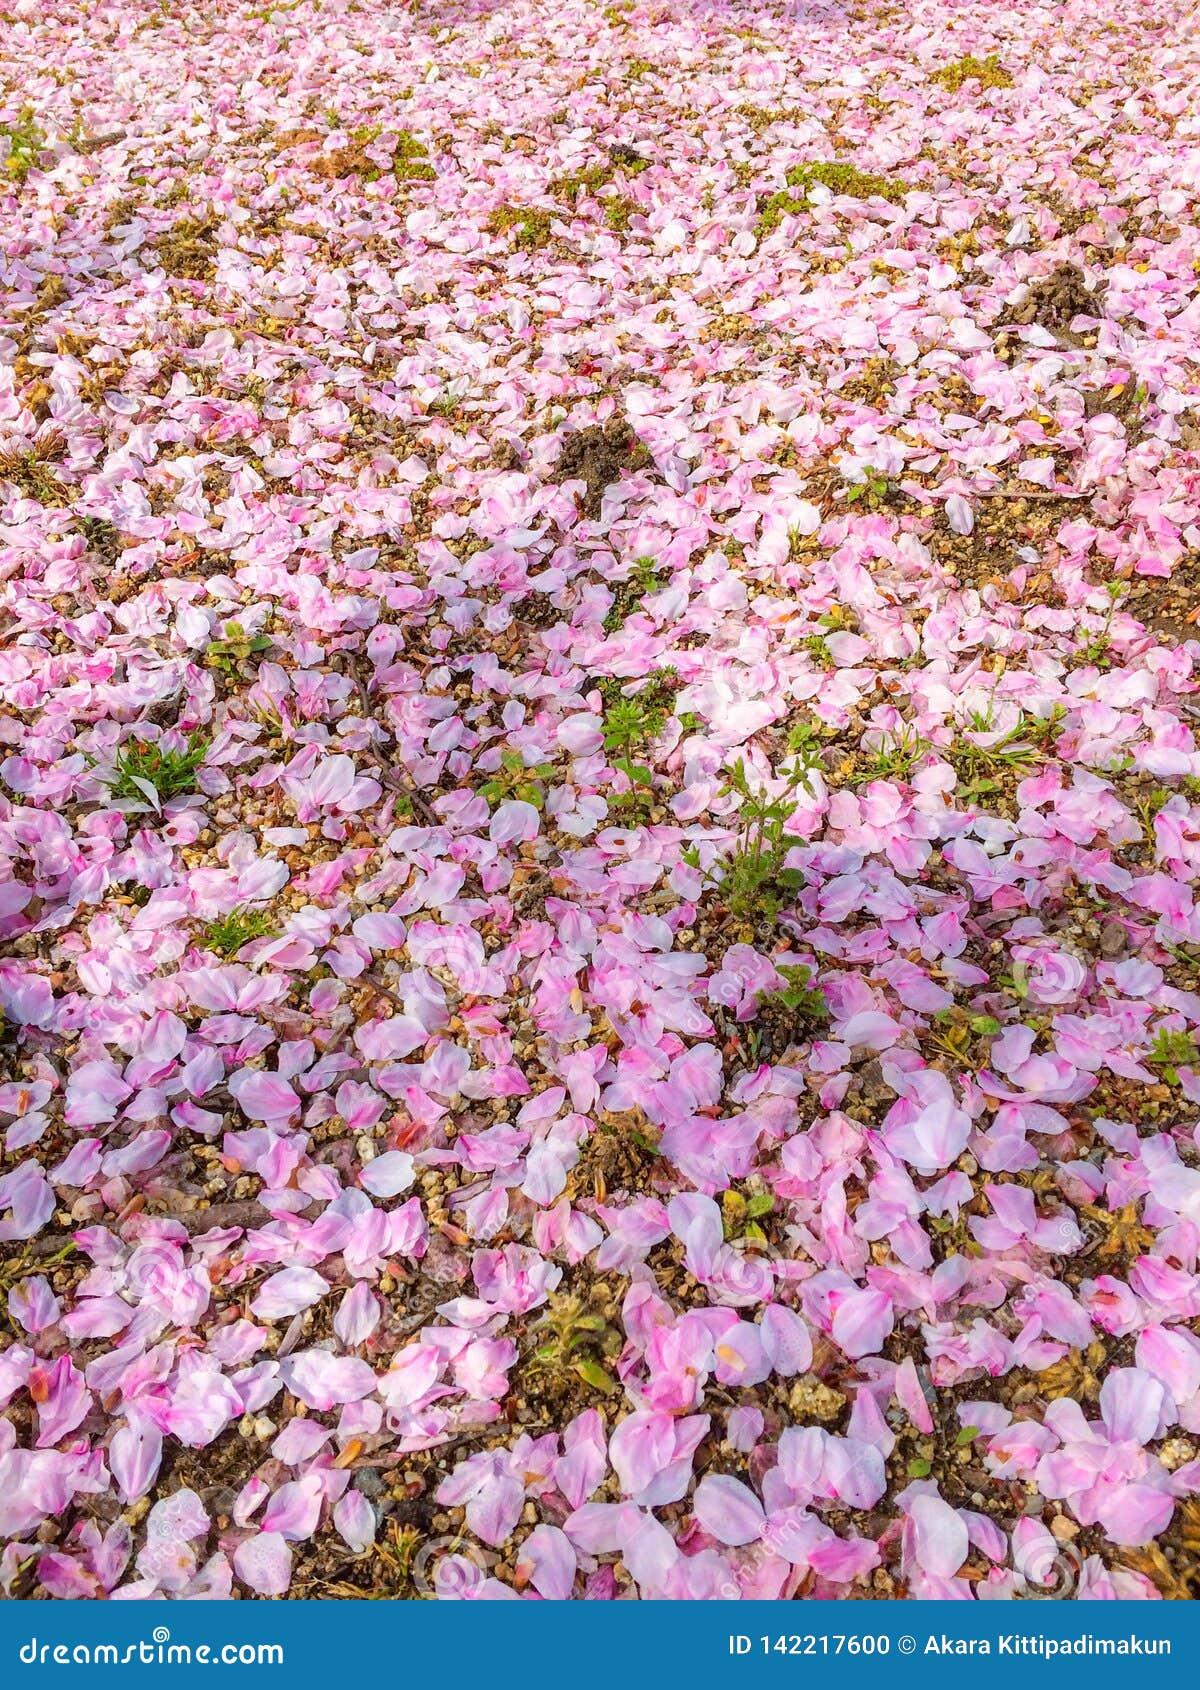 Chute des pétales rose coloré de fleurs de cerisier au sol